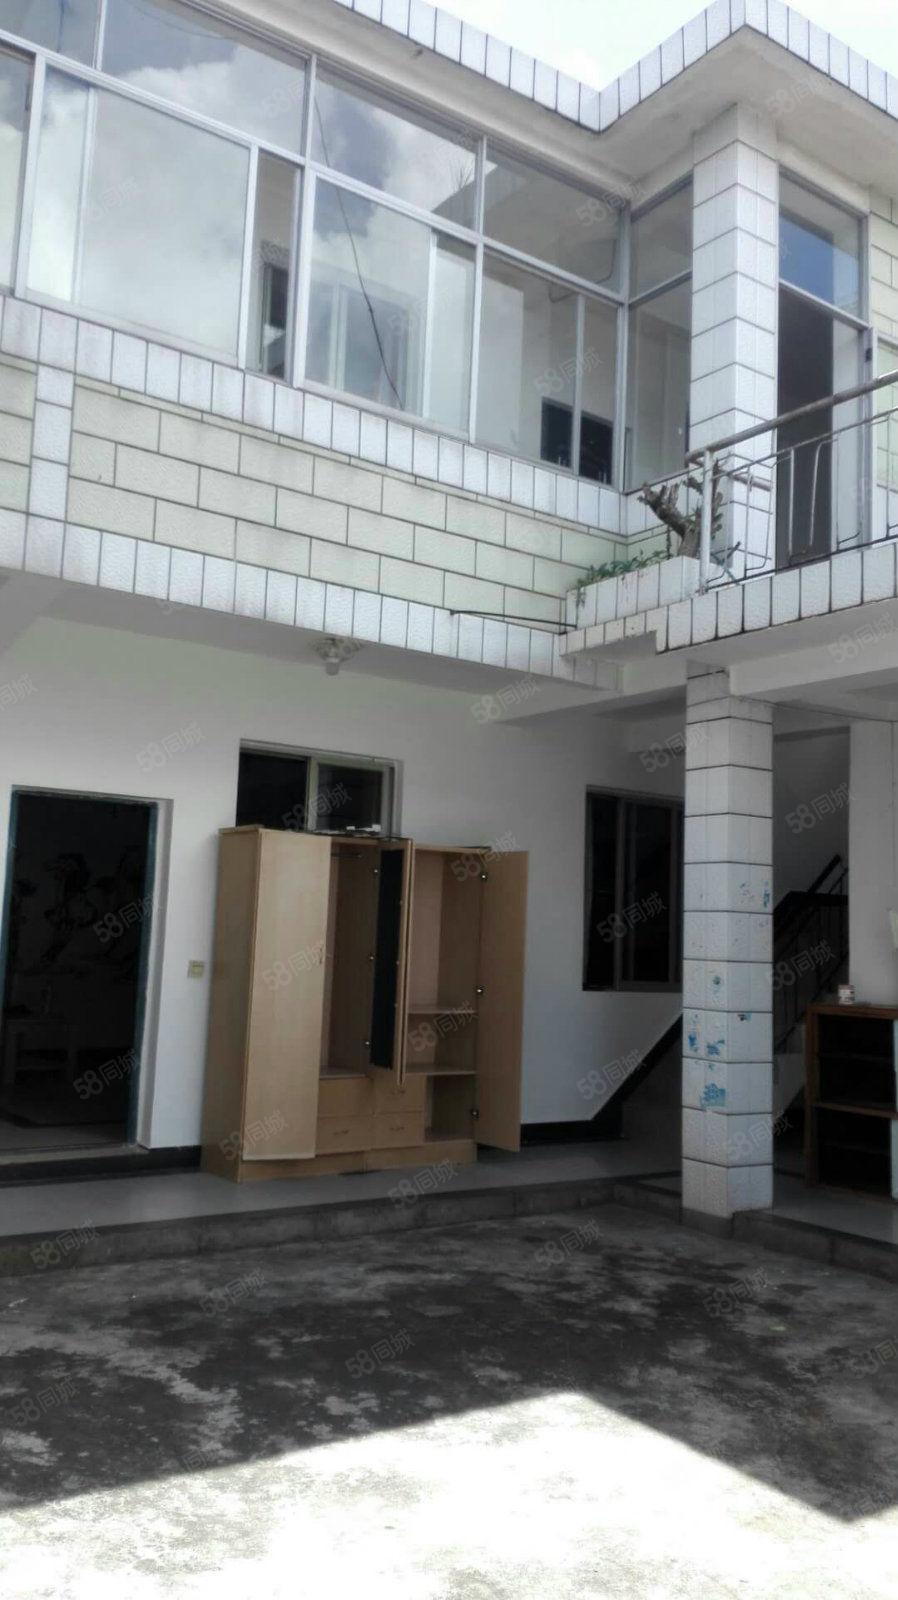 老街子,新四中旁边,自家房子,有大阳台还有车库可以办公住人